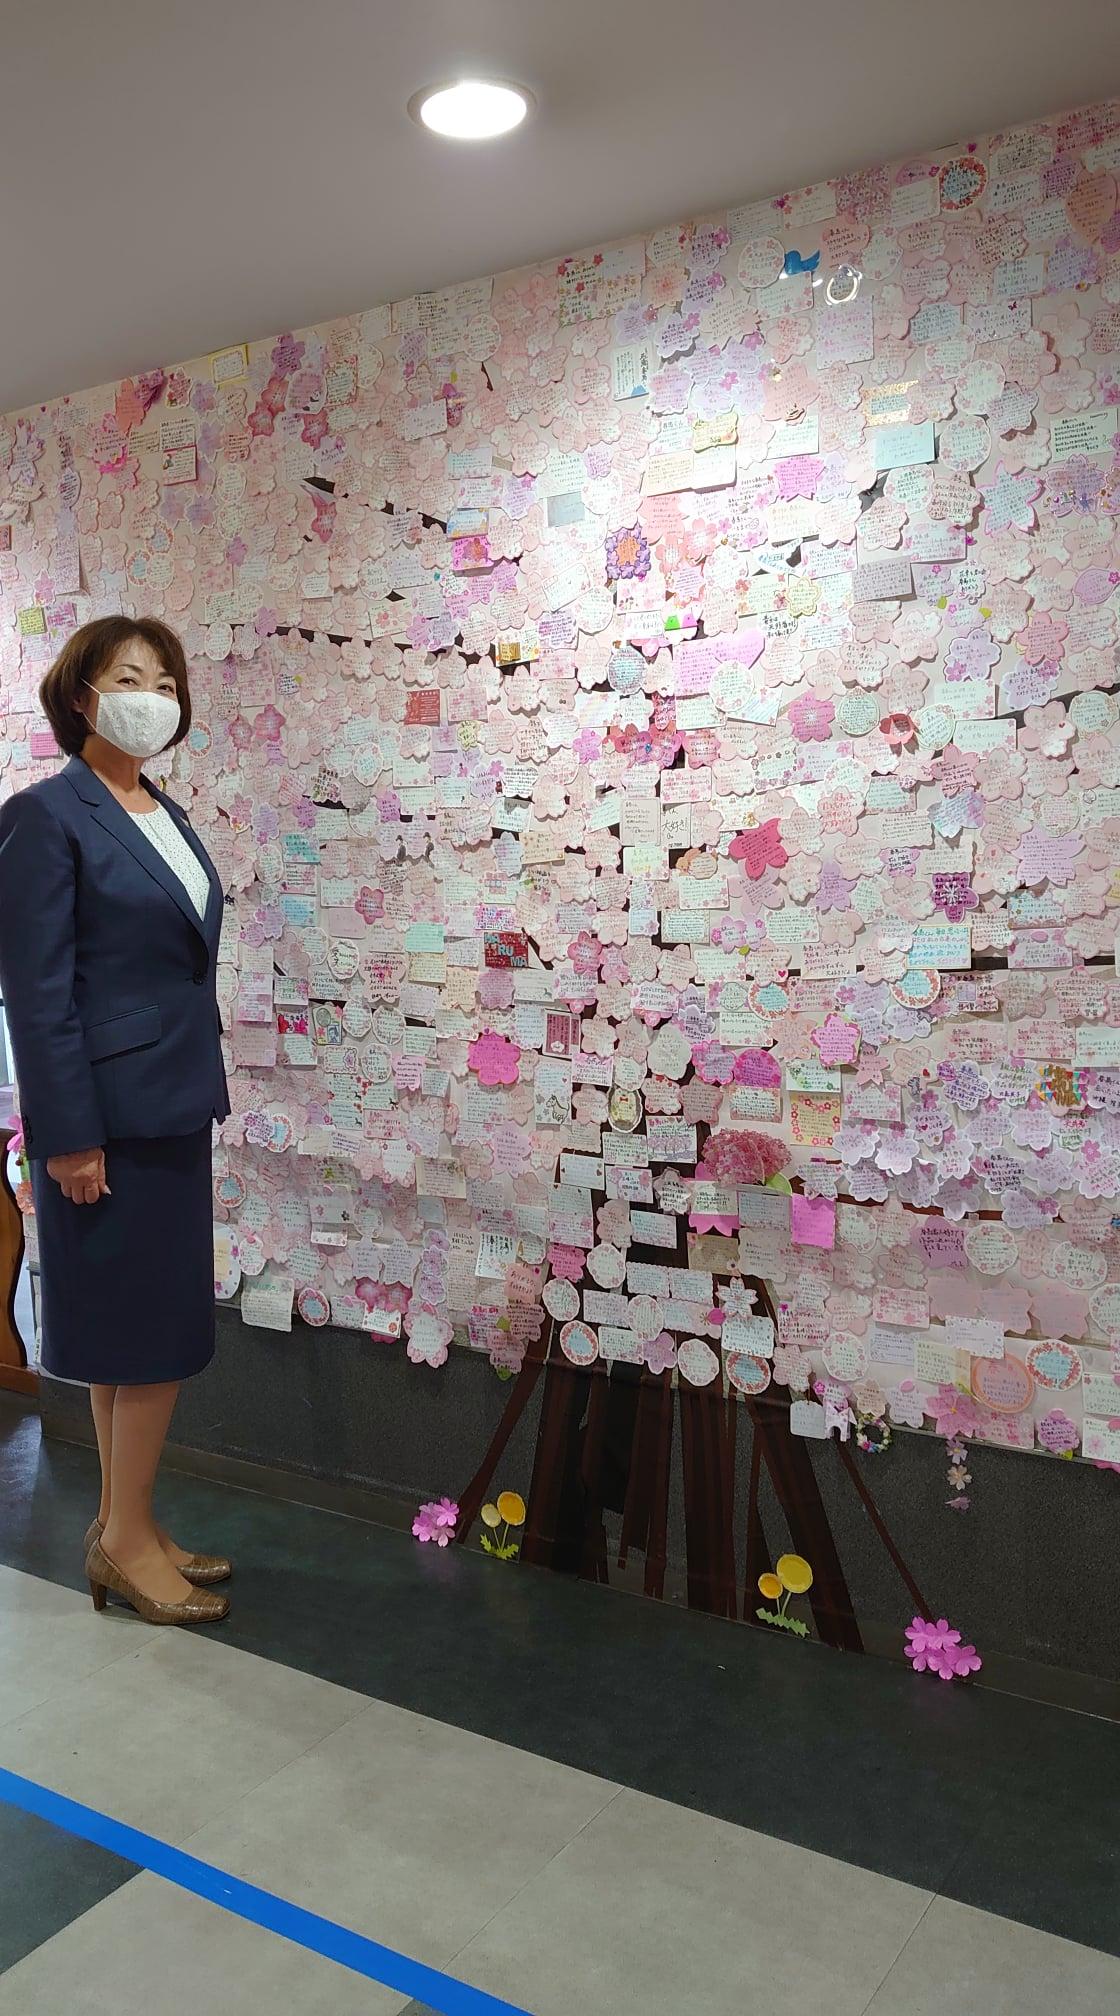 本日(4月5日)は、三浦春馬さんの誕生日ですpage-visual 本日(4月5日)は、三浦春馬さんの誕生日ですビジュアル